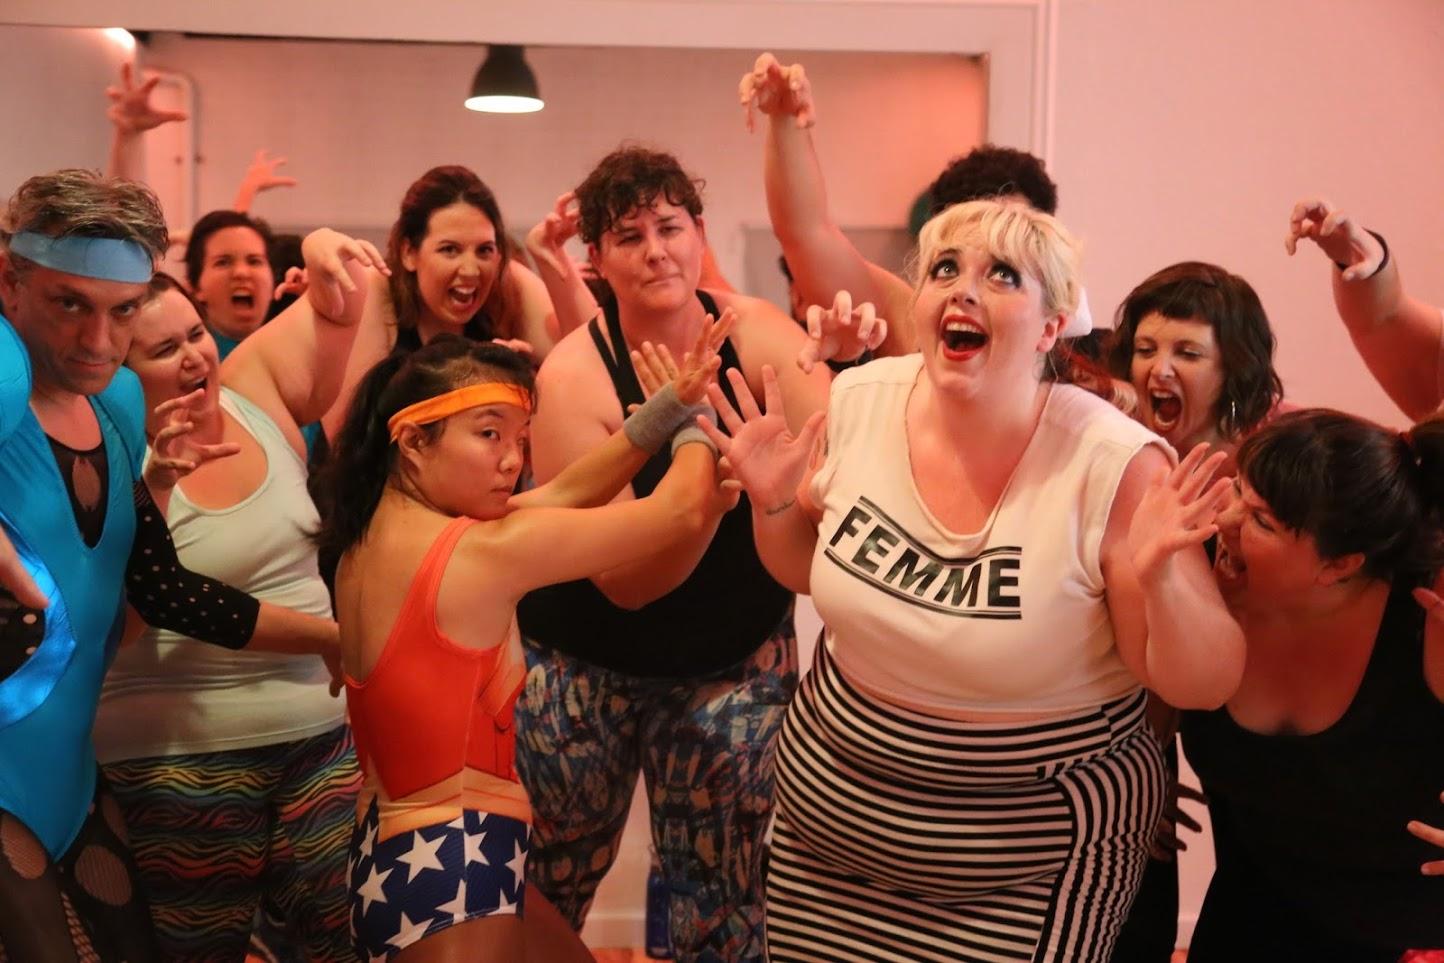 fat-kid-dance-oarty